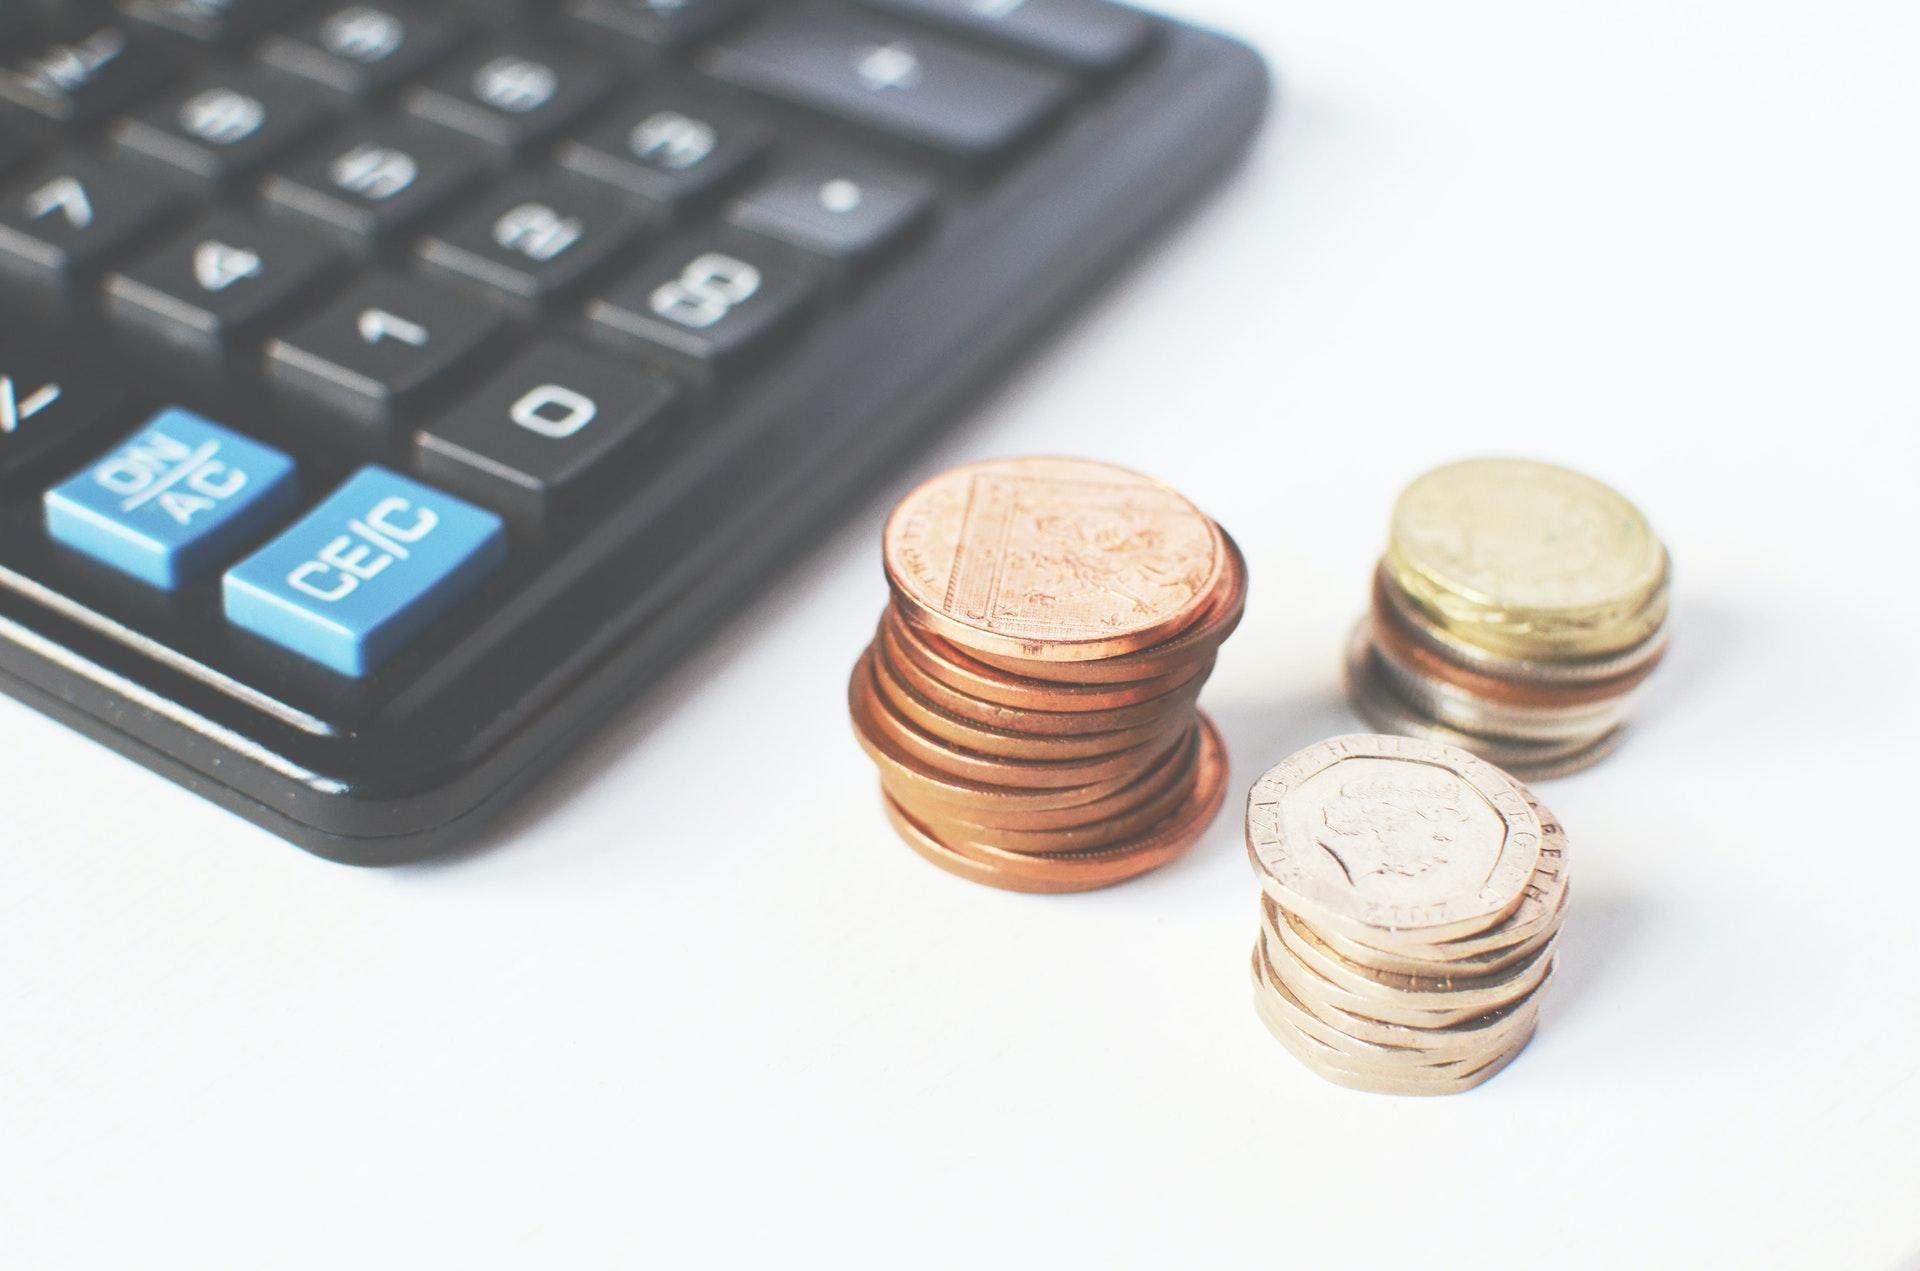 управління фінансами, фінансова грамотність, бізнес